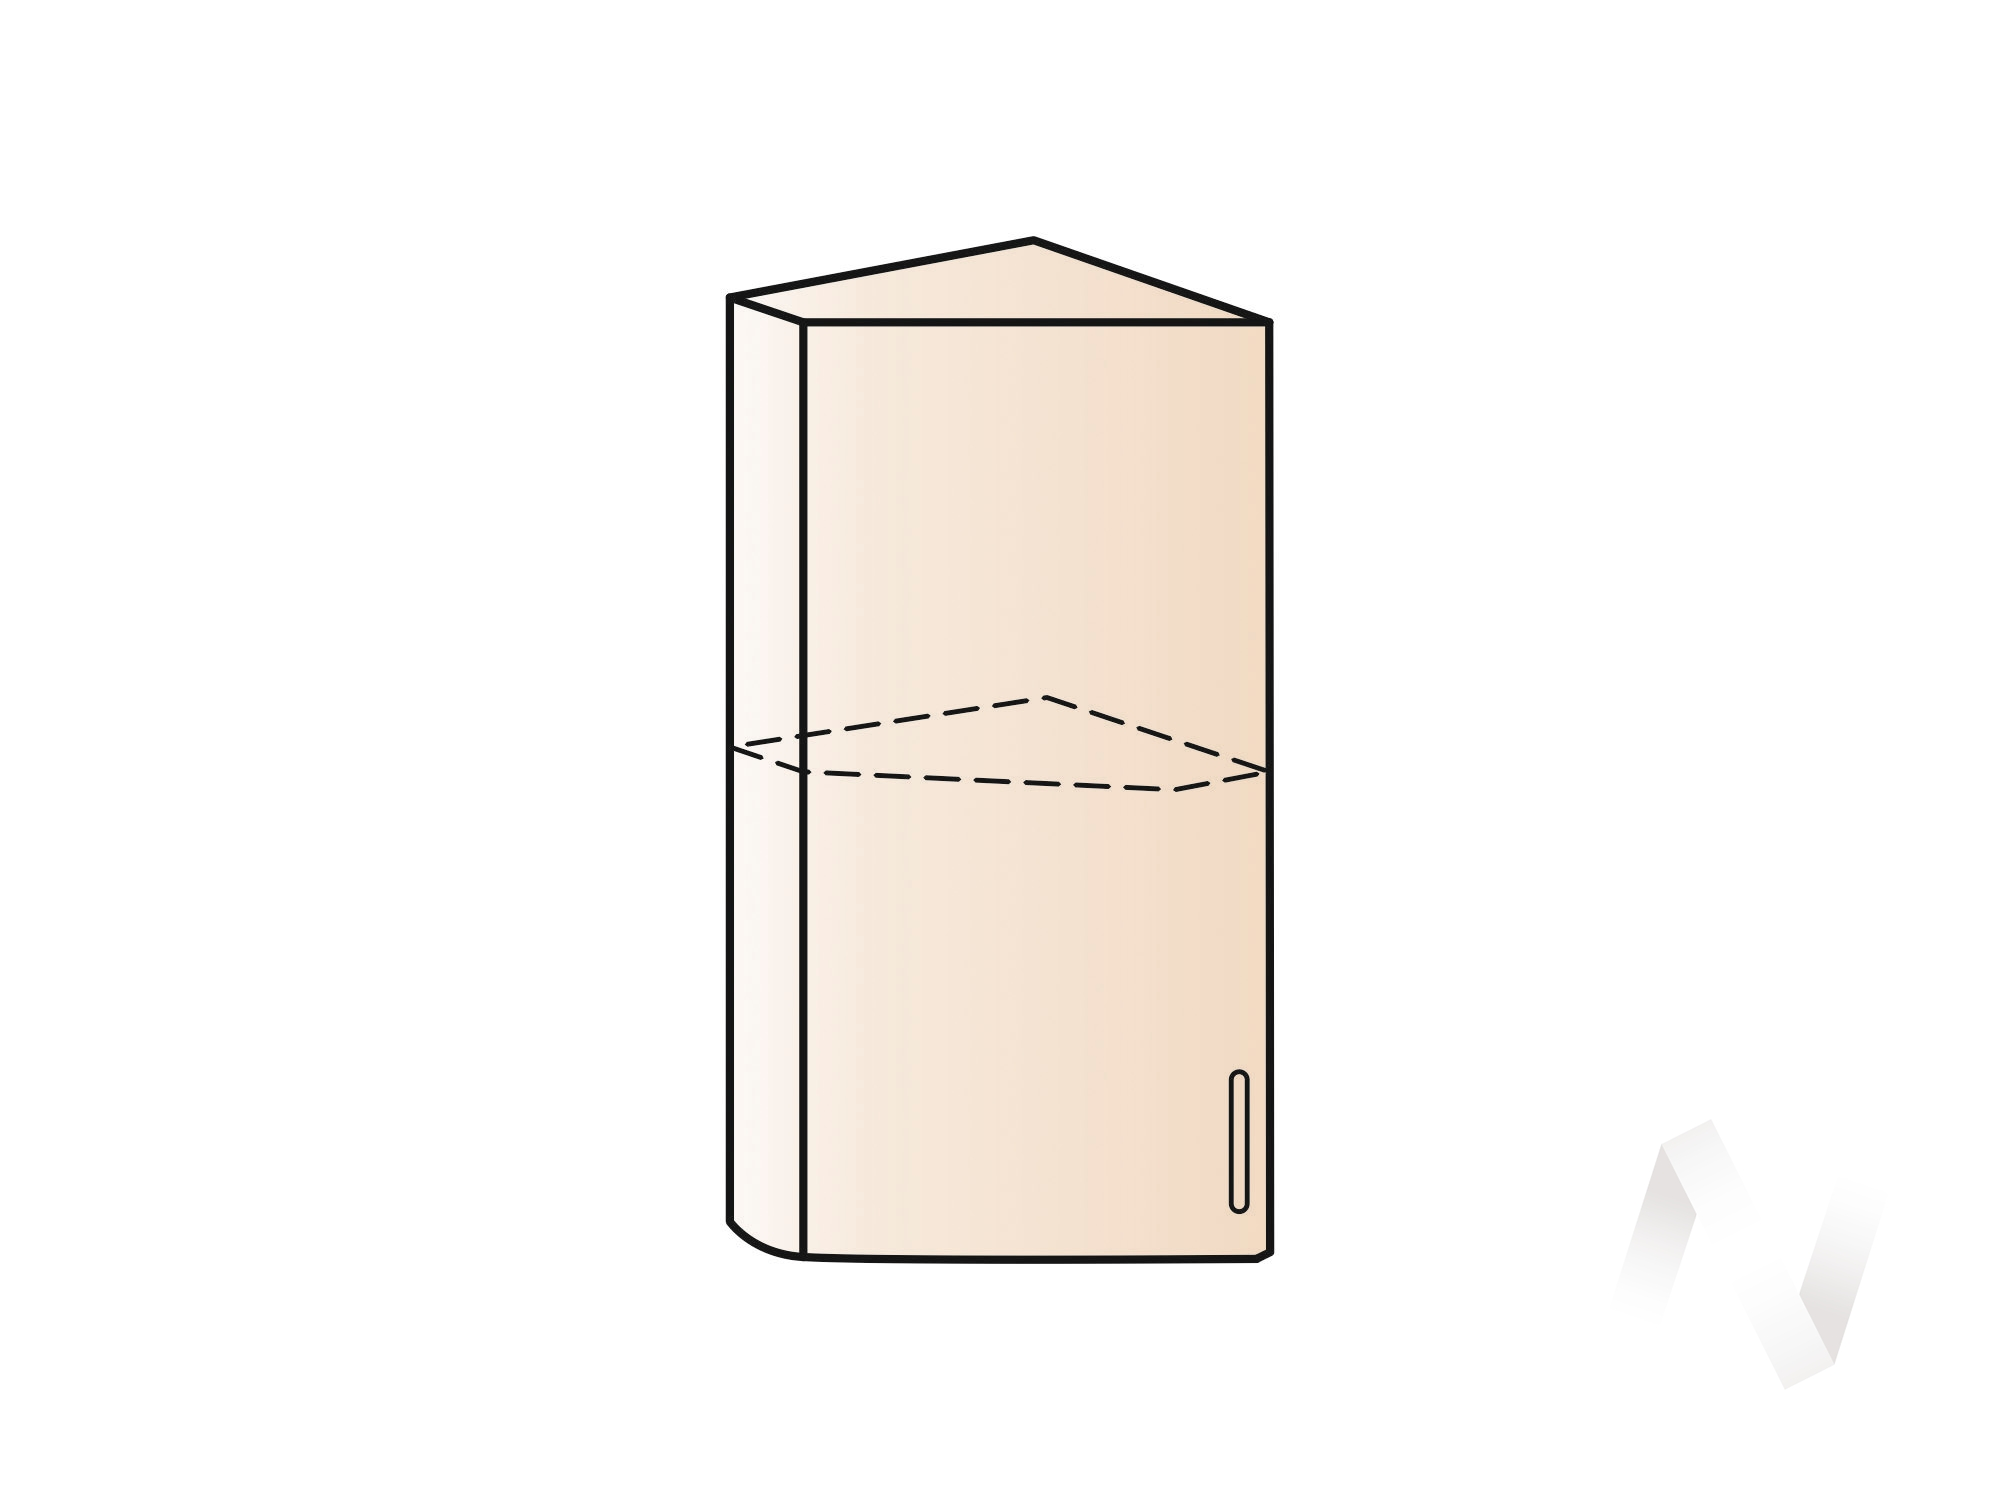 """Кухня """"Струна"""": Шкаф верхний торцевой 224, ШВТ 224 (белый металлик/корпус венге) в Томске — авторская мебель Экостиль"""